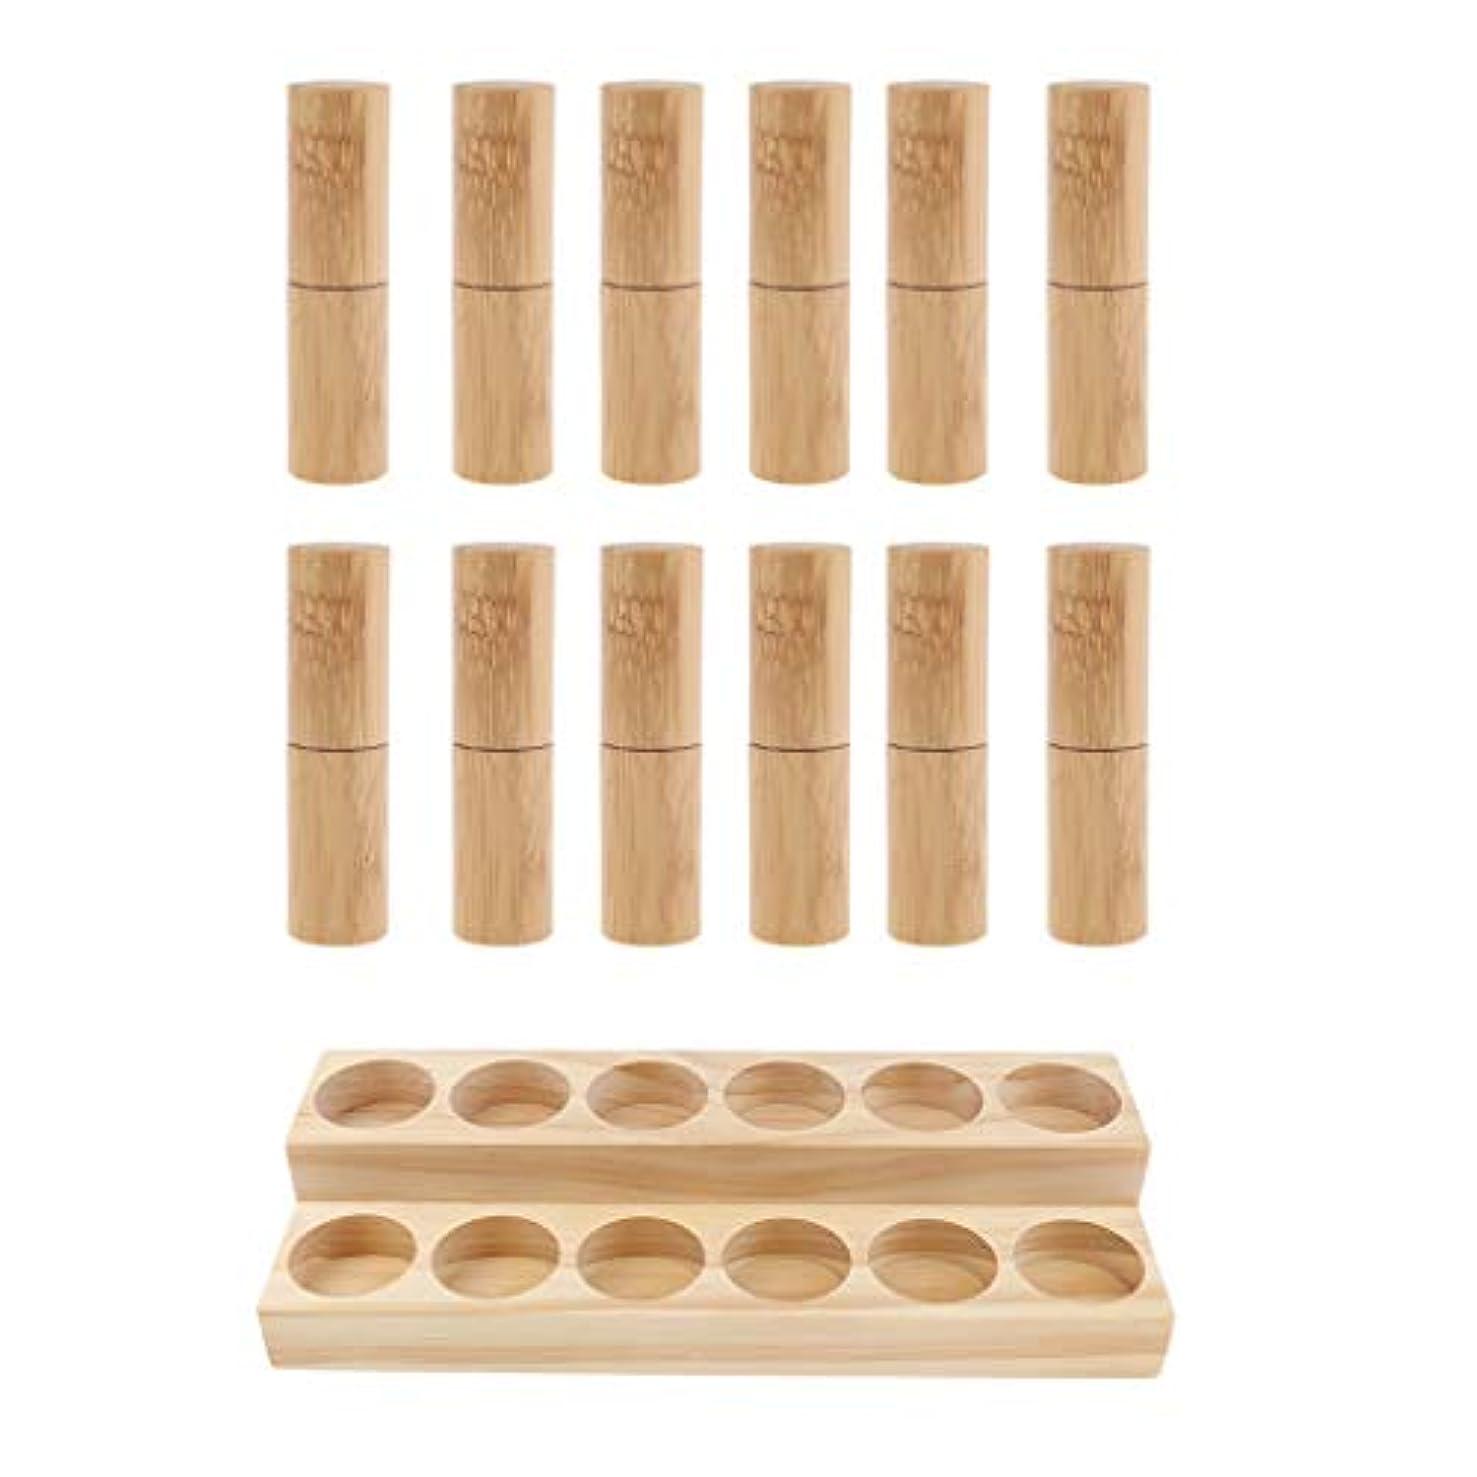 法的割る成果収納ラック オーガナイザー 木製スタンド エッセンシャルオイル 精油 香水 展示 12個空ボトル付